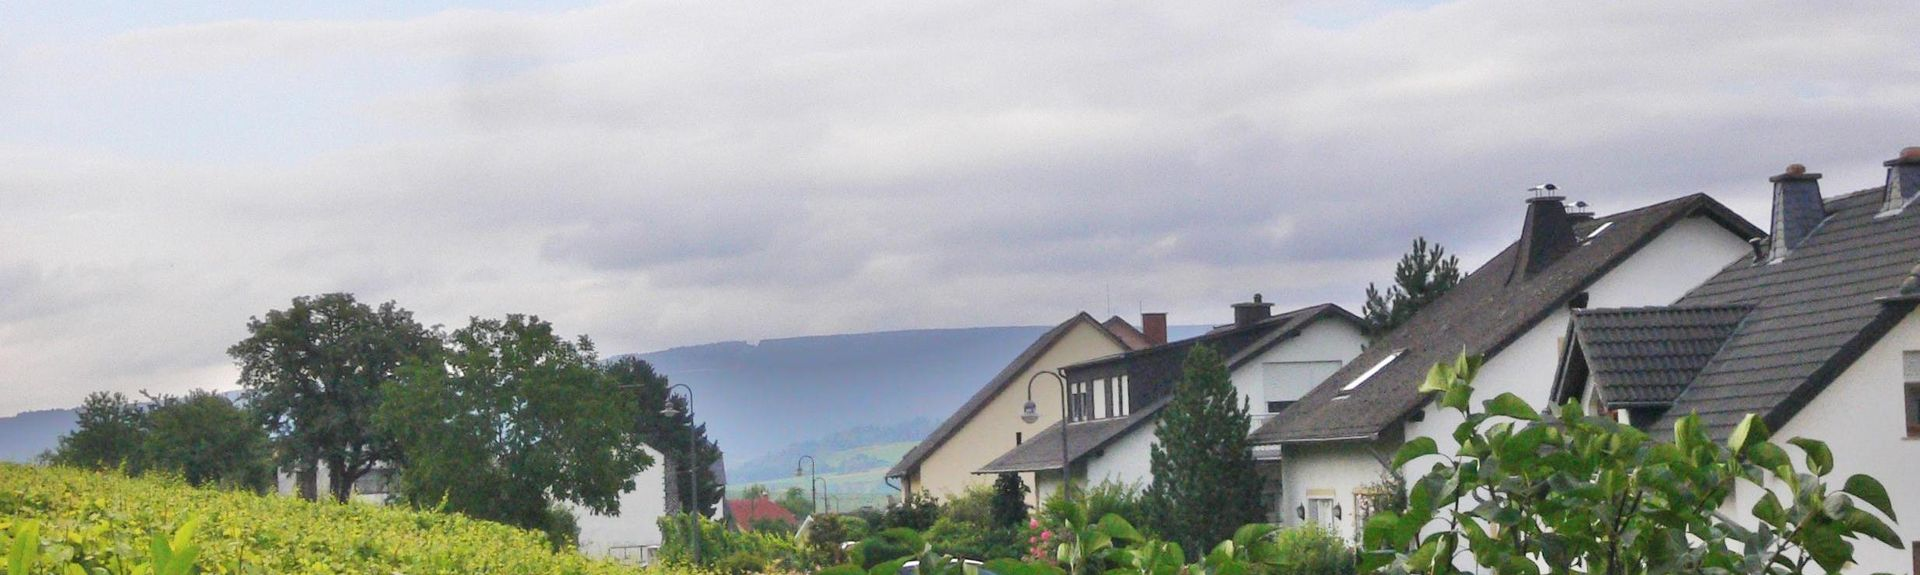 Schweich, Rheinland-Pfalz, Deutschland